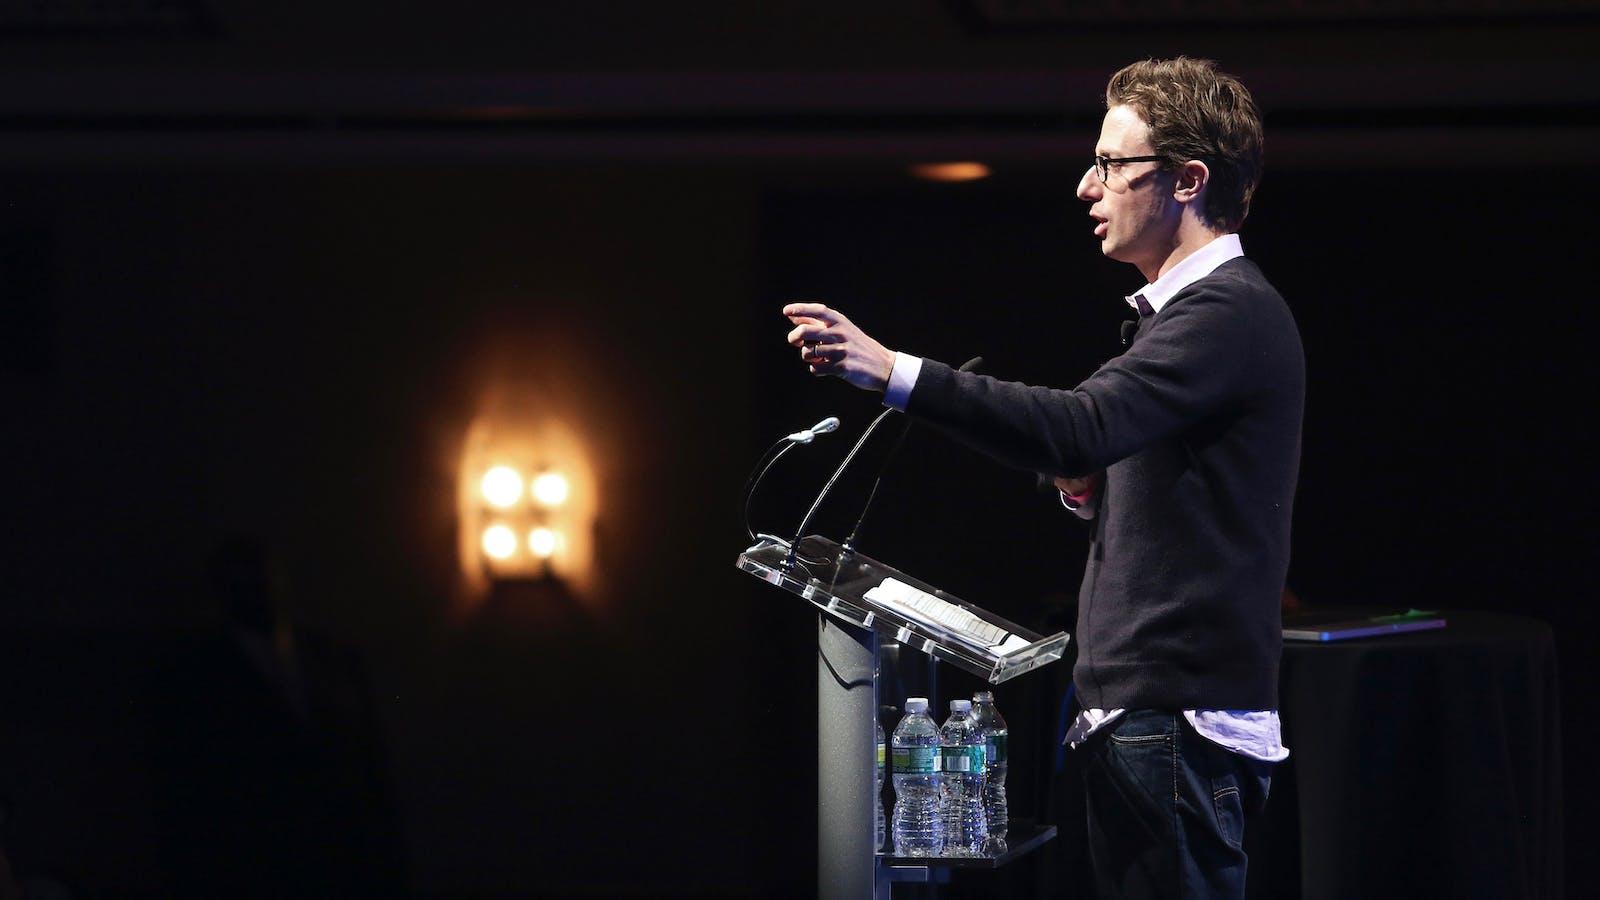 BuzzFeed CEO Jonah Peretti. Photo by Flickr/TCDNY 2013.